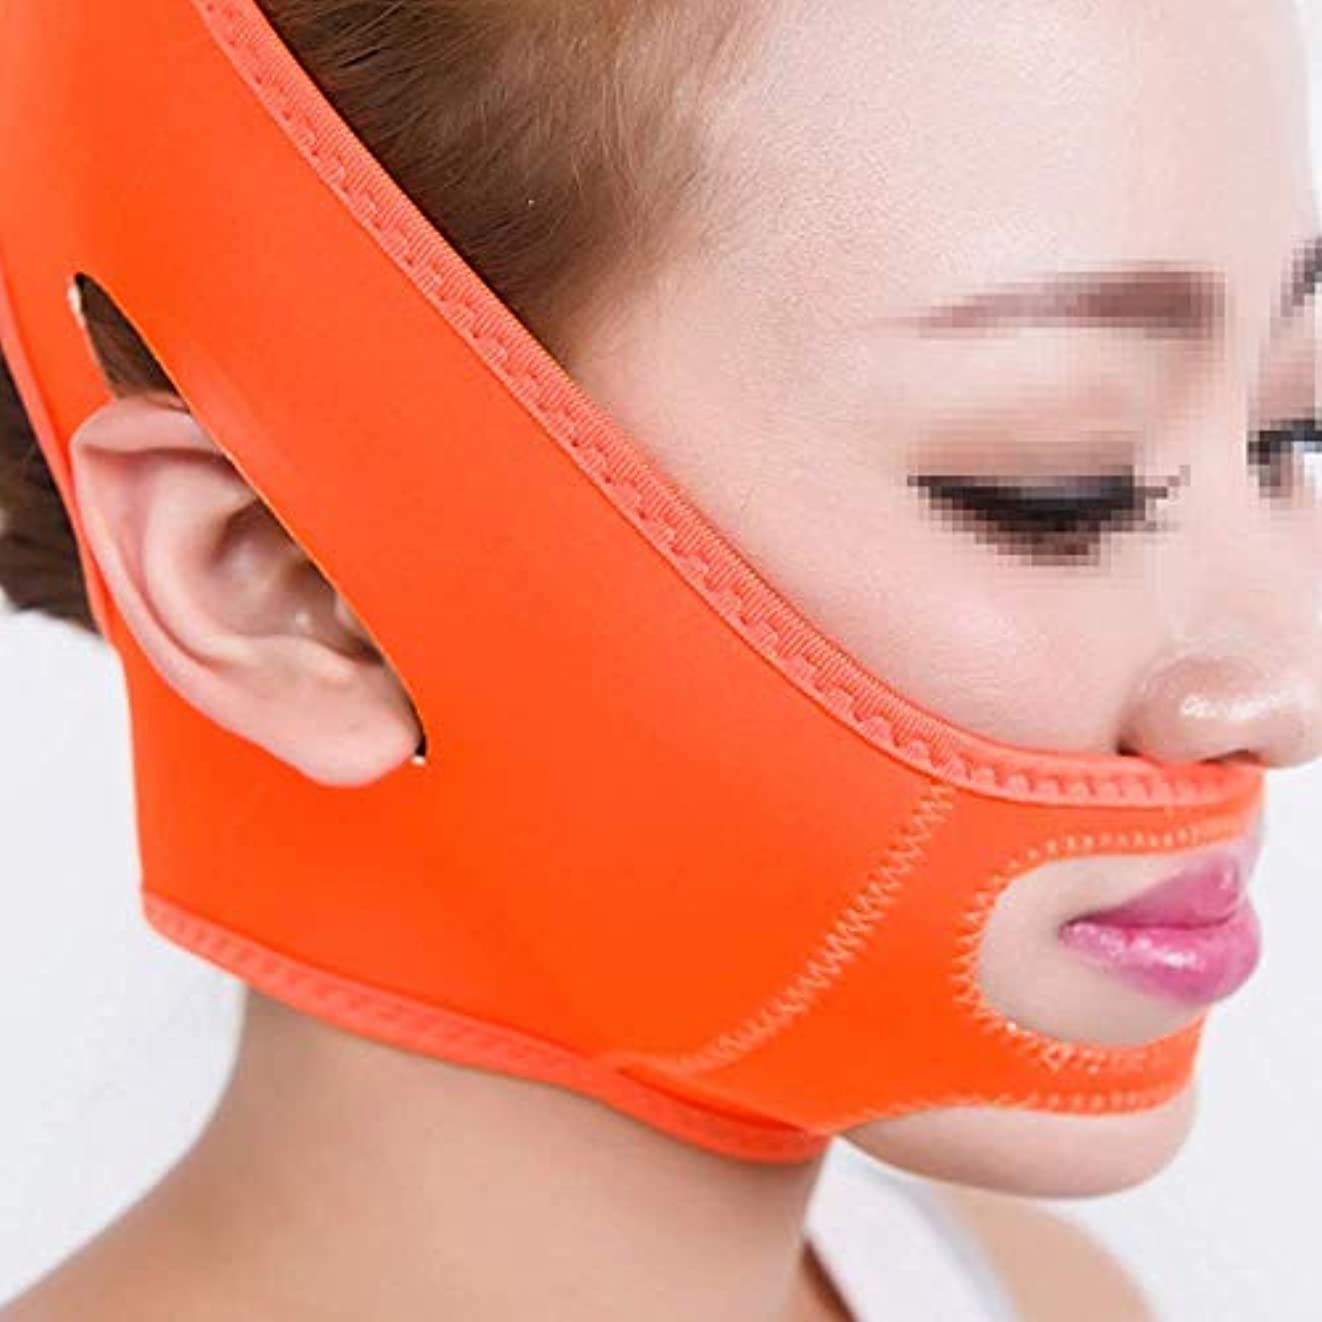 チャーミング苦情文句代替薄いフェイスベルト、Vフェイス、スリープマスク包帯、リフティングフェイス、ダブルチンフェイスマスク、マルチカラーオプション(色:オレンジ)